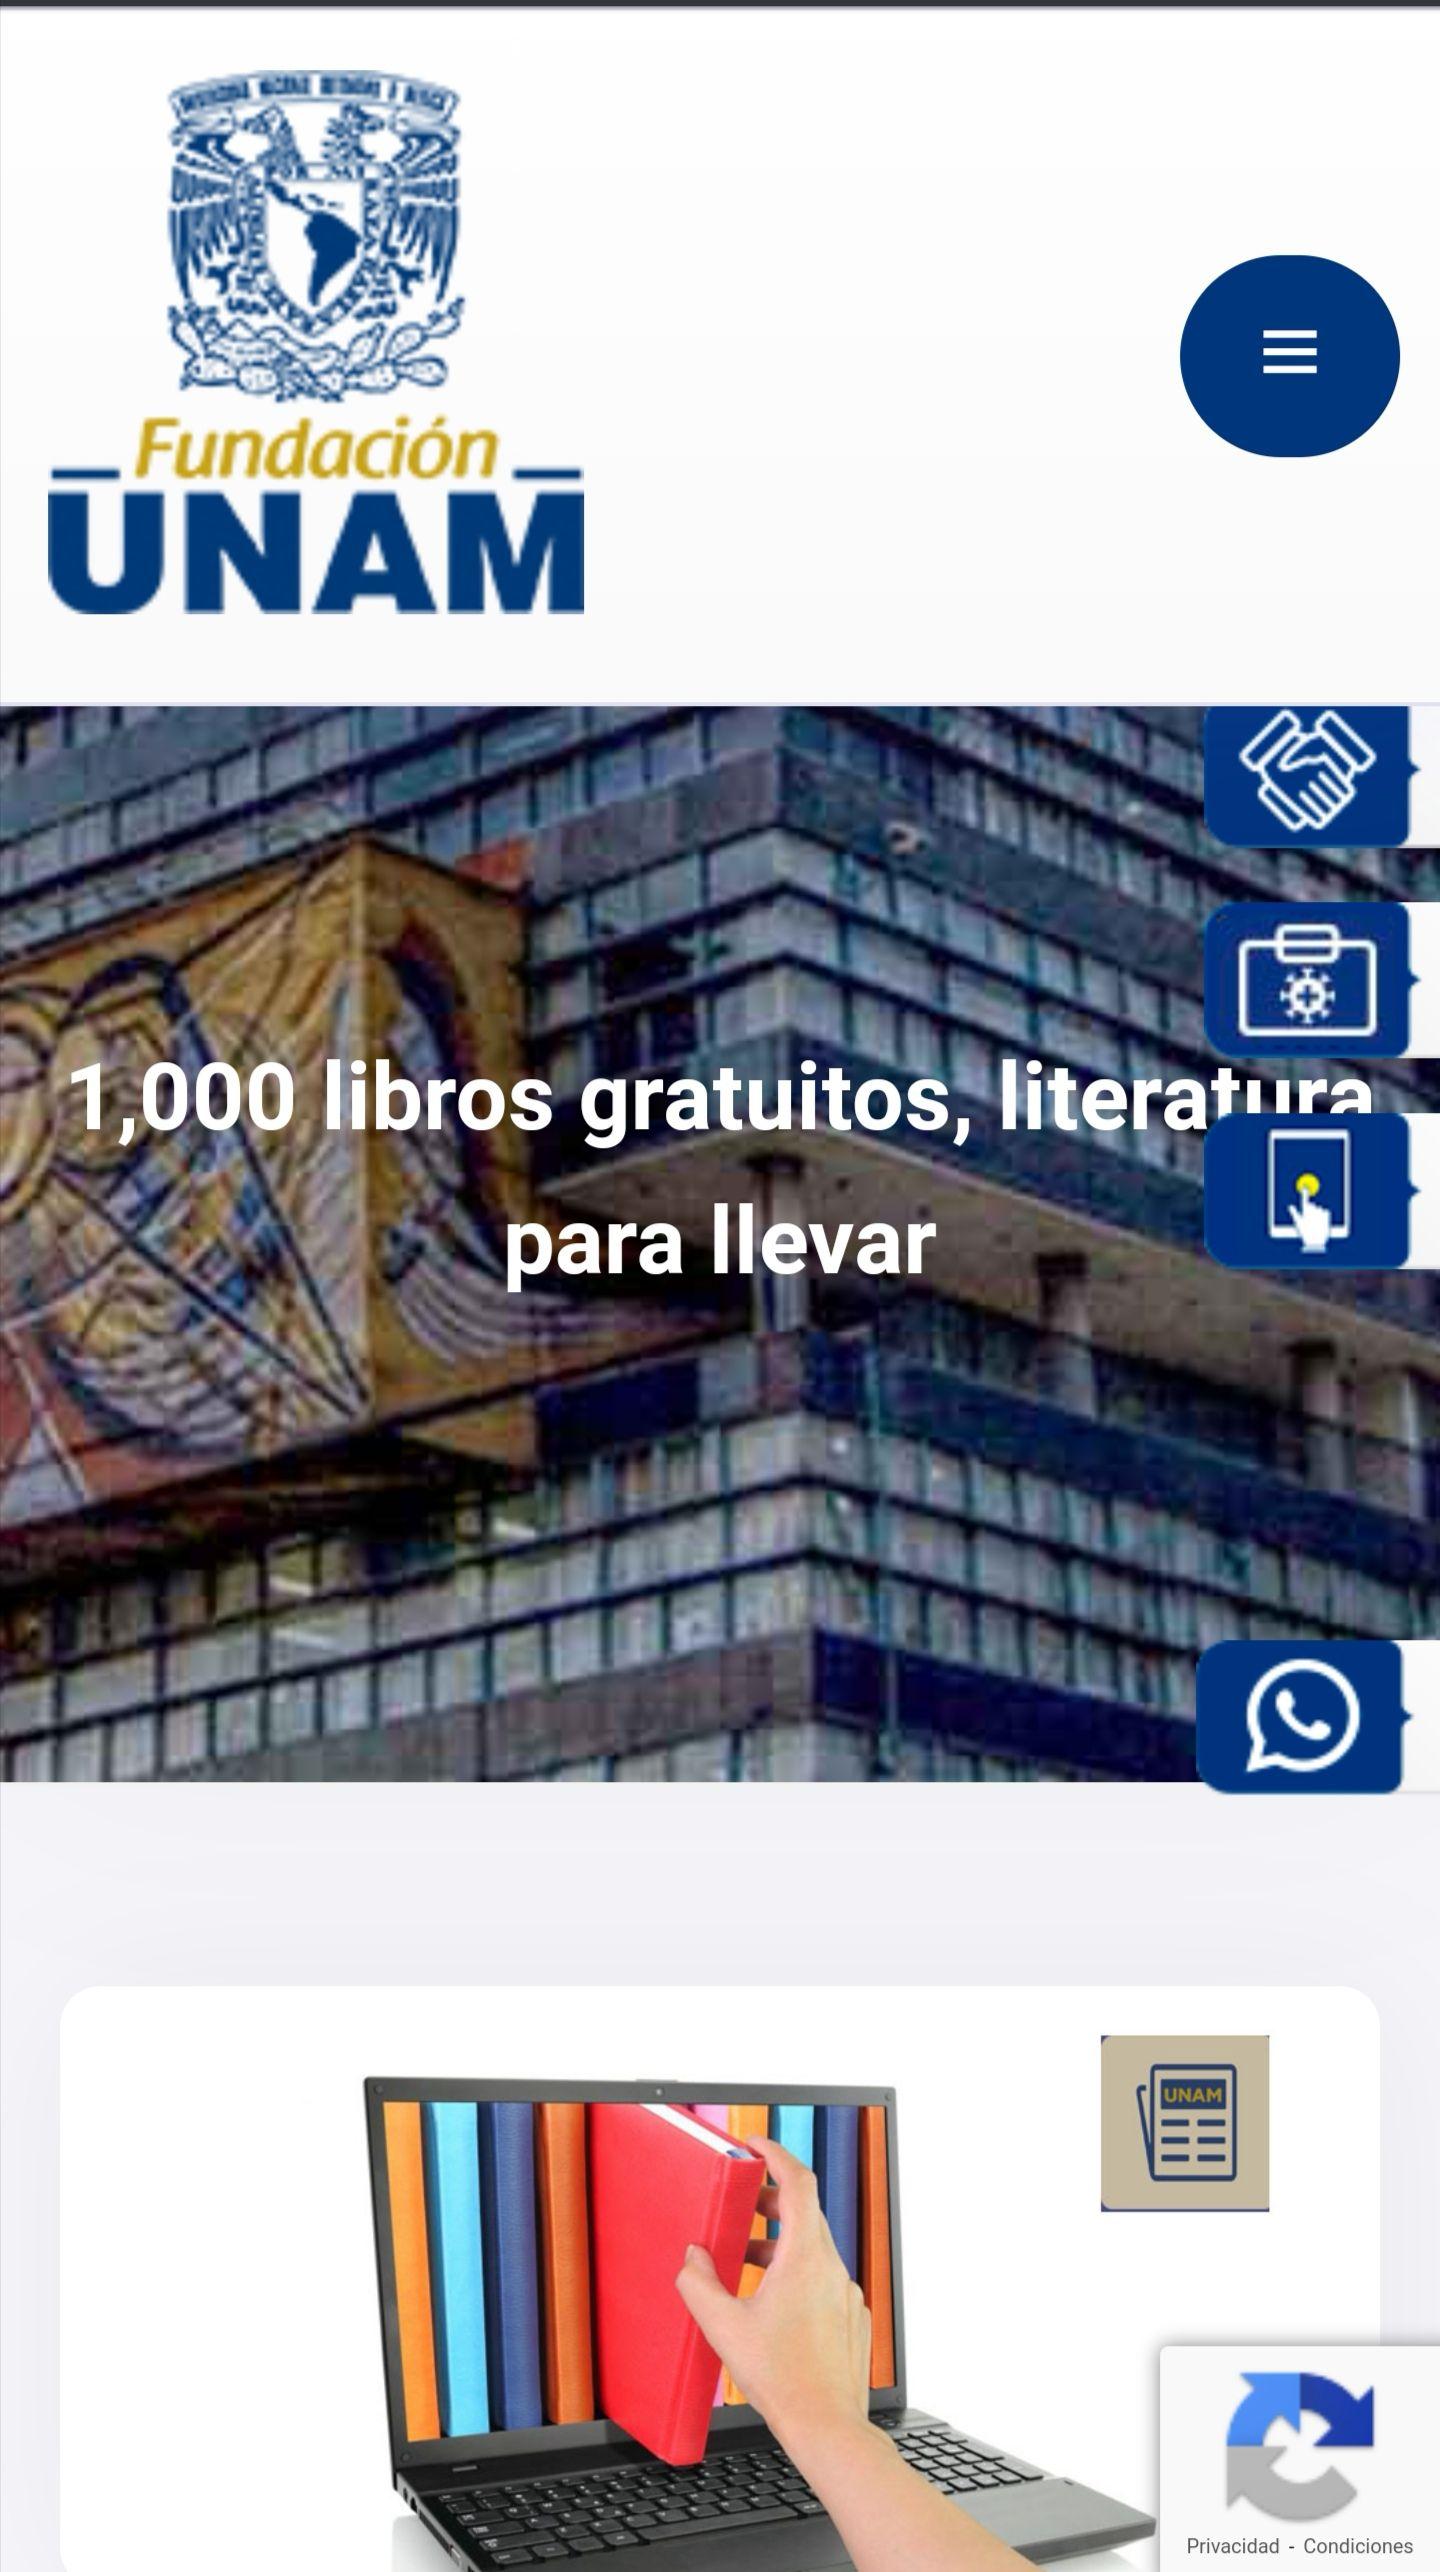 Fundación UNAM : 1,000 clásicos de literatura Español e Inglés Gratis